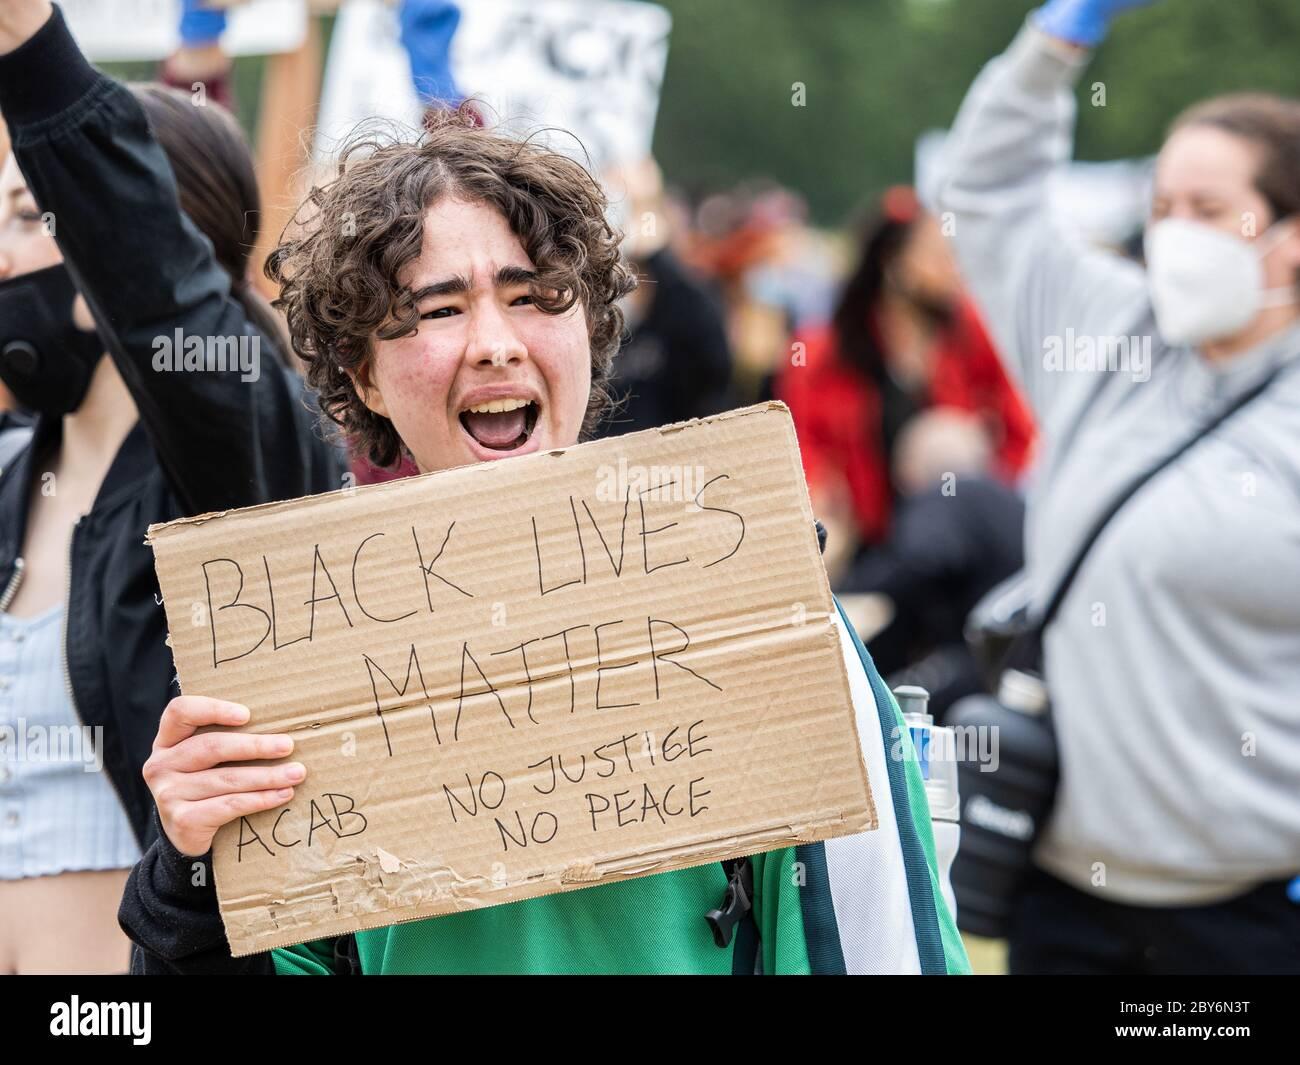 Londres, Royaume-Uni, 3 juin 2020 - des manifestants Black Lives Matter ont défilé de Hyde Park au Parlement après la mort en détention de George Floyd. Banque D'Images